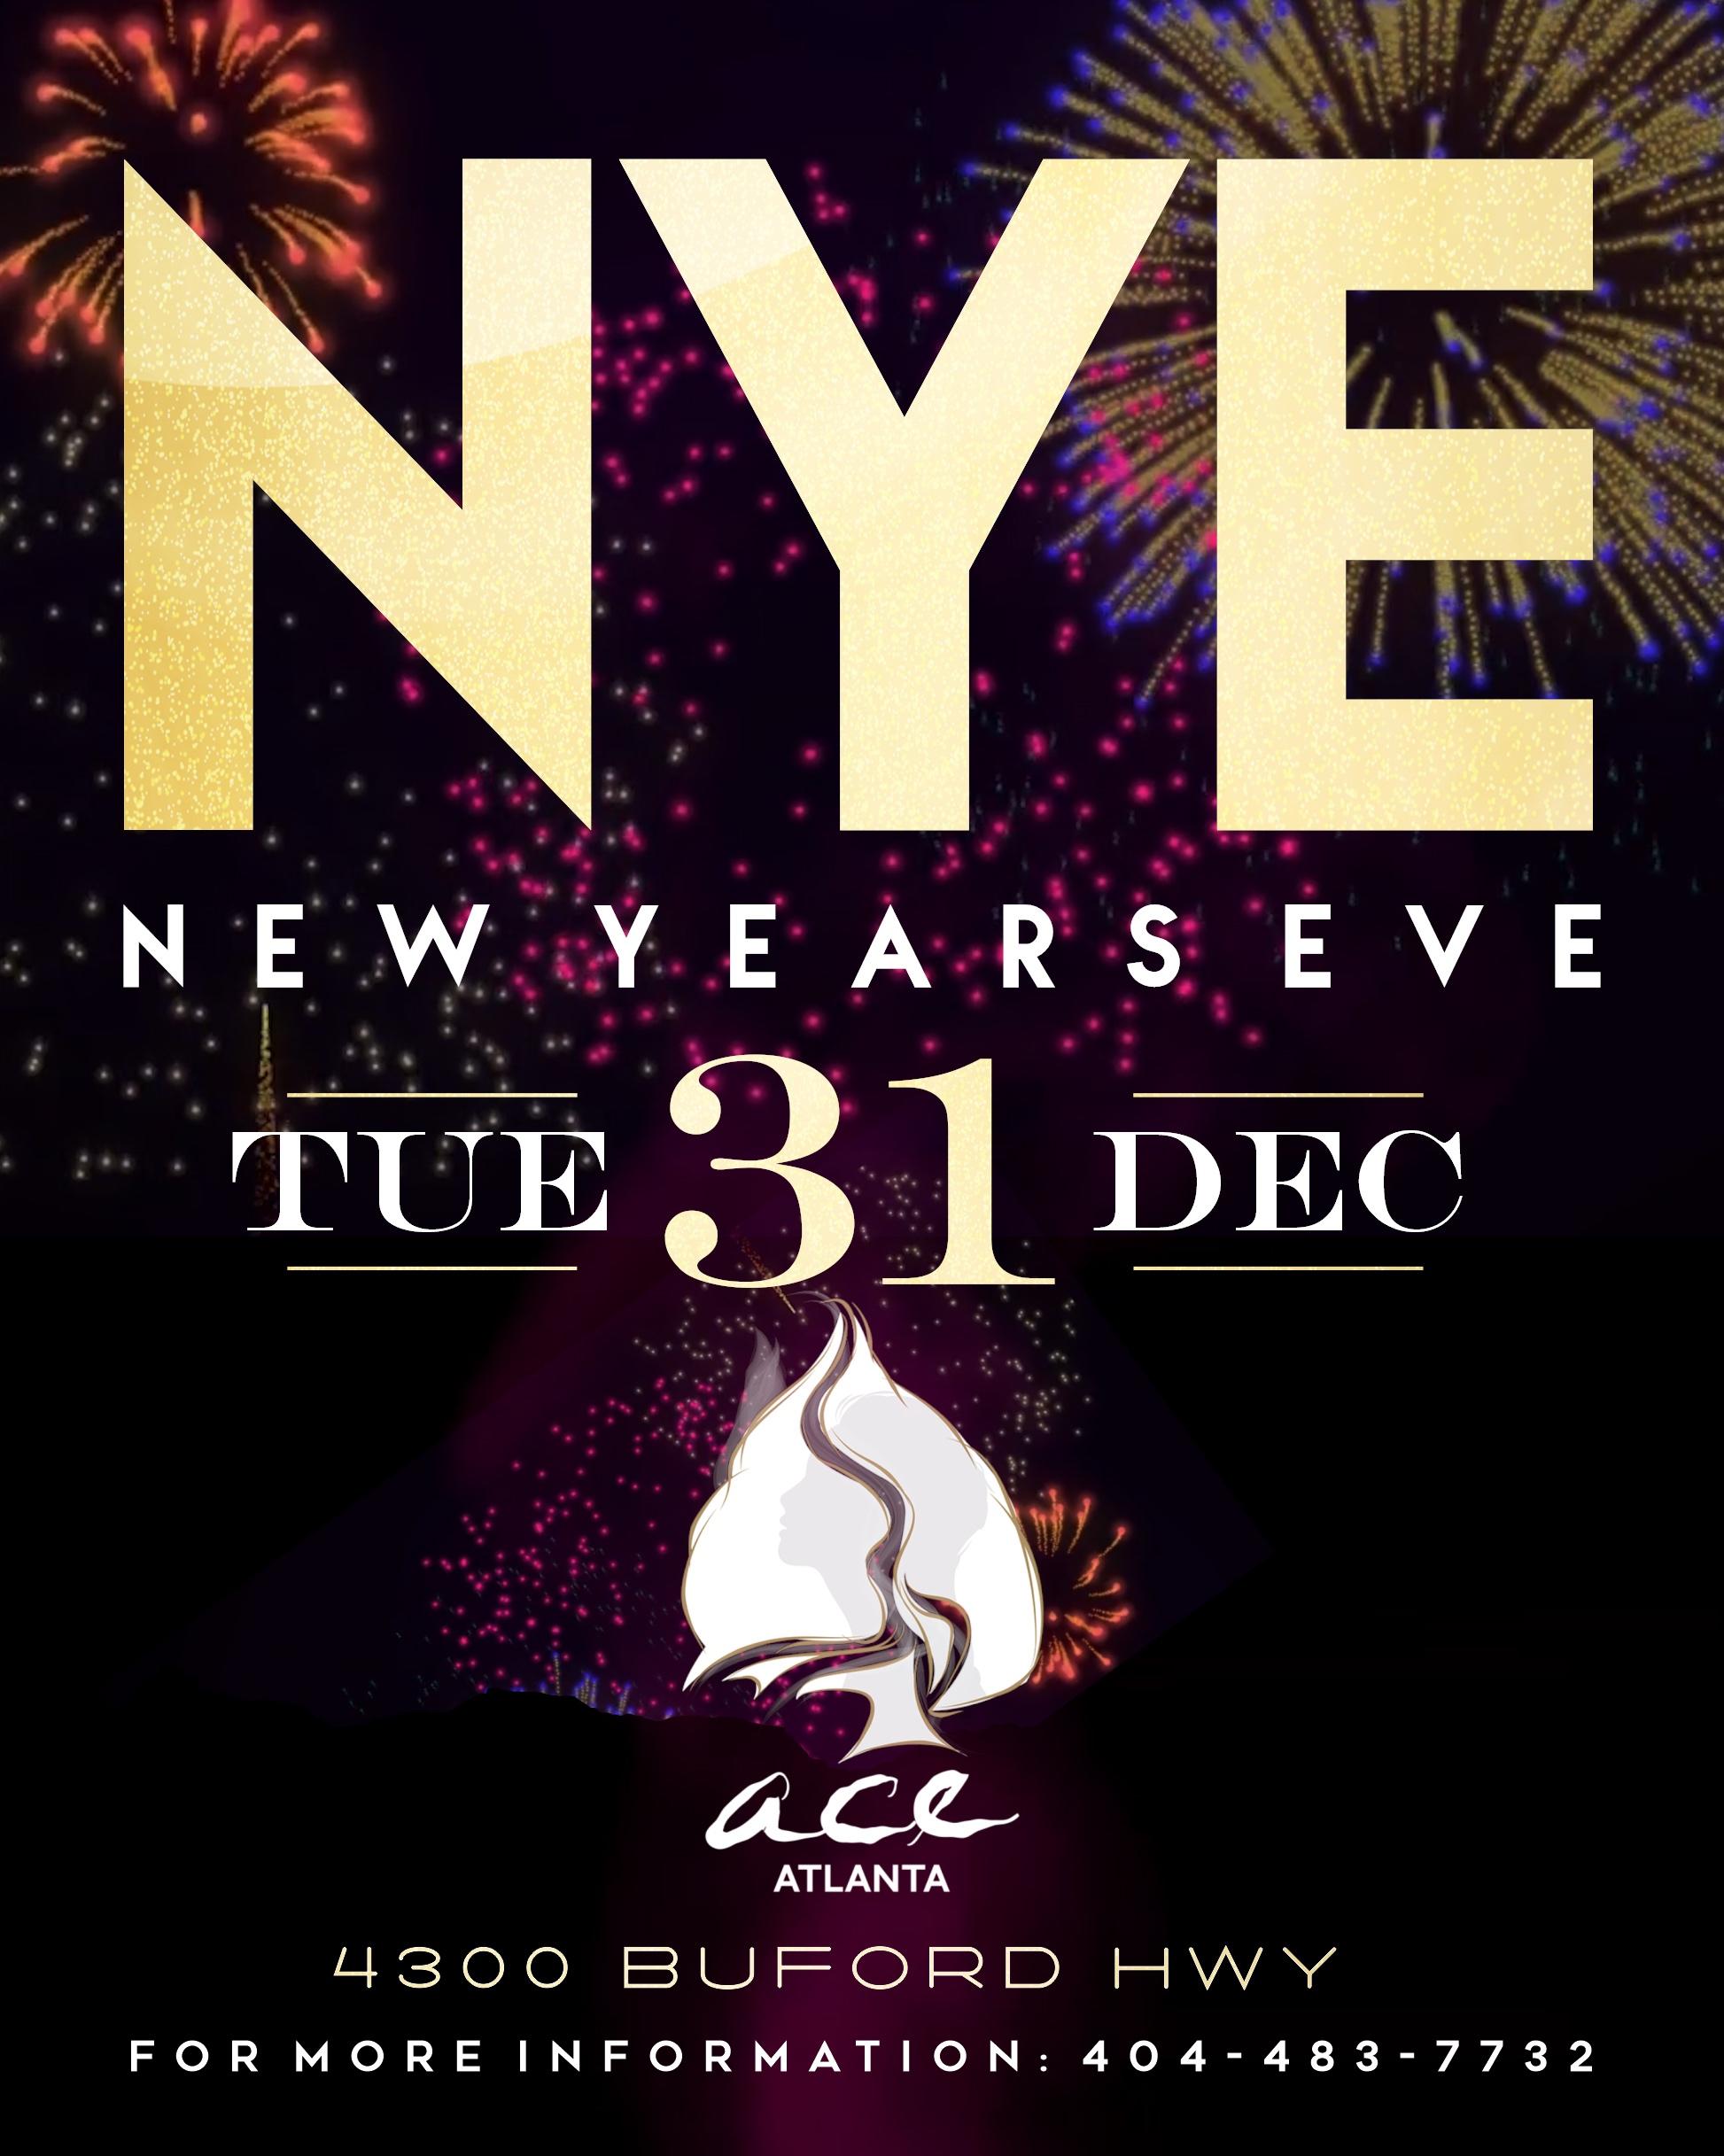 Atlanta New Years Eve 2020.The Biggest New Years Eve Celebration Ace Atlanta Nye 2020